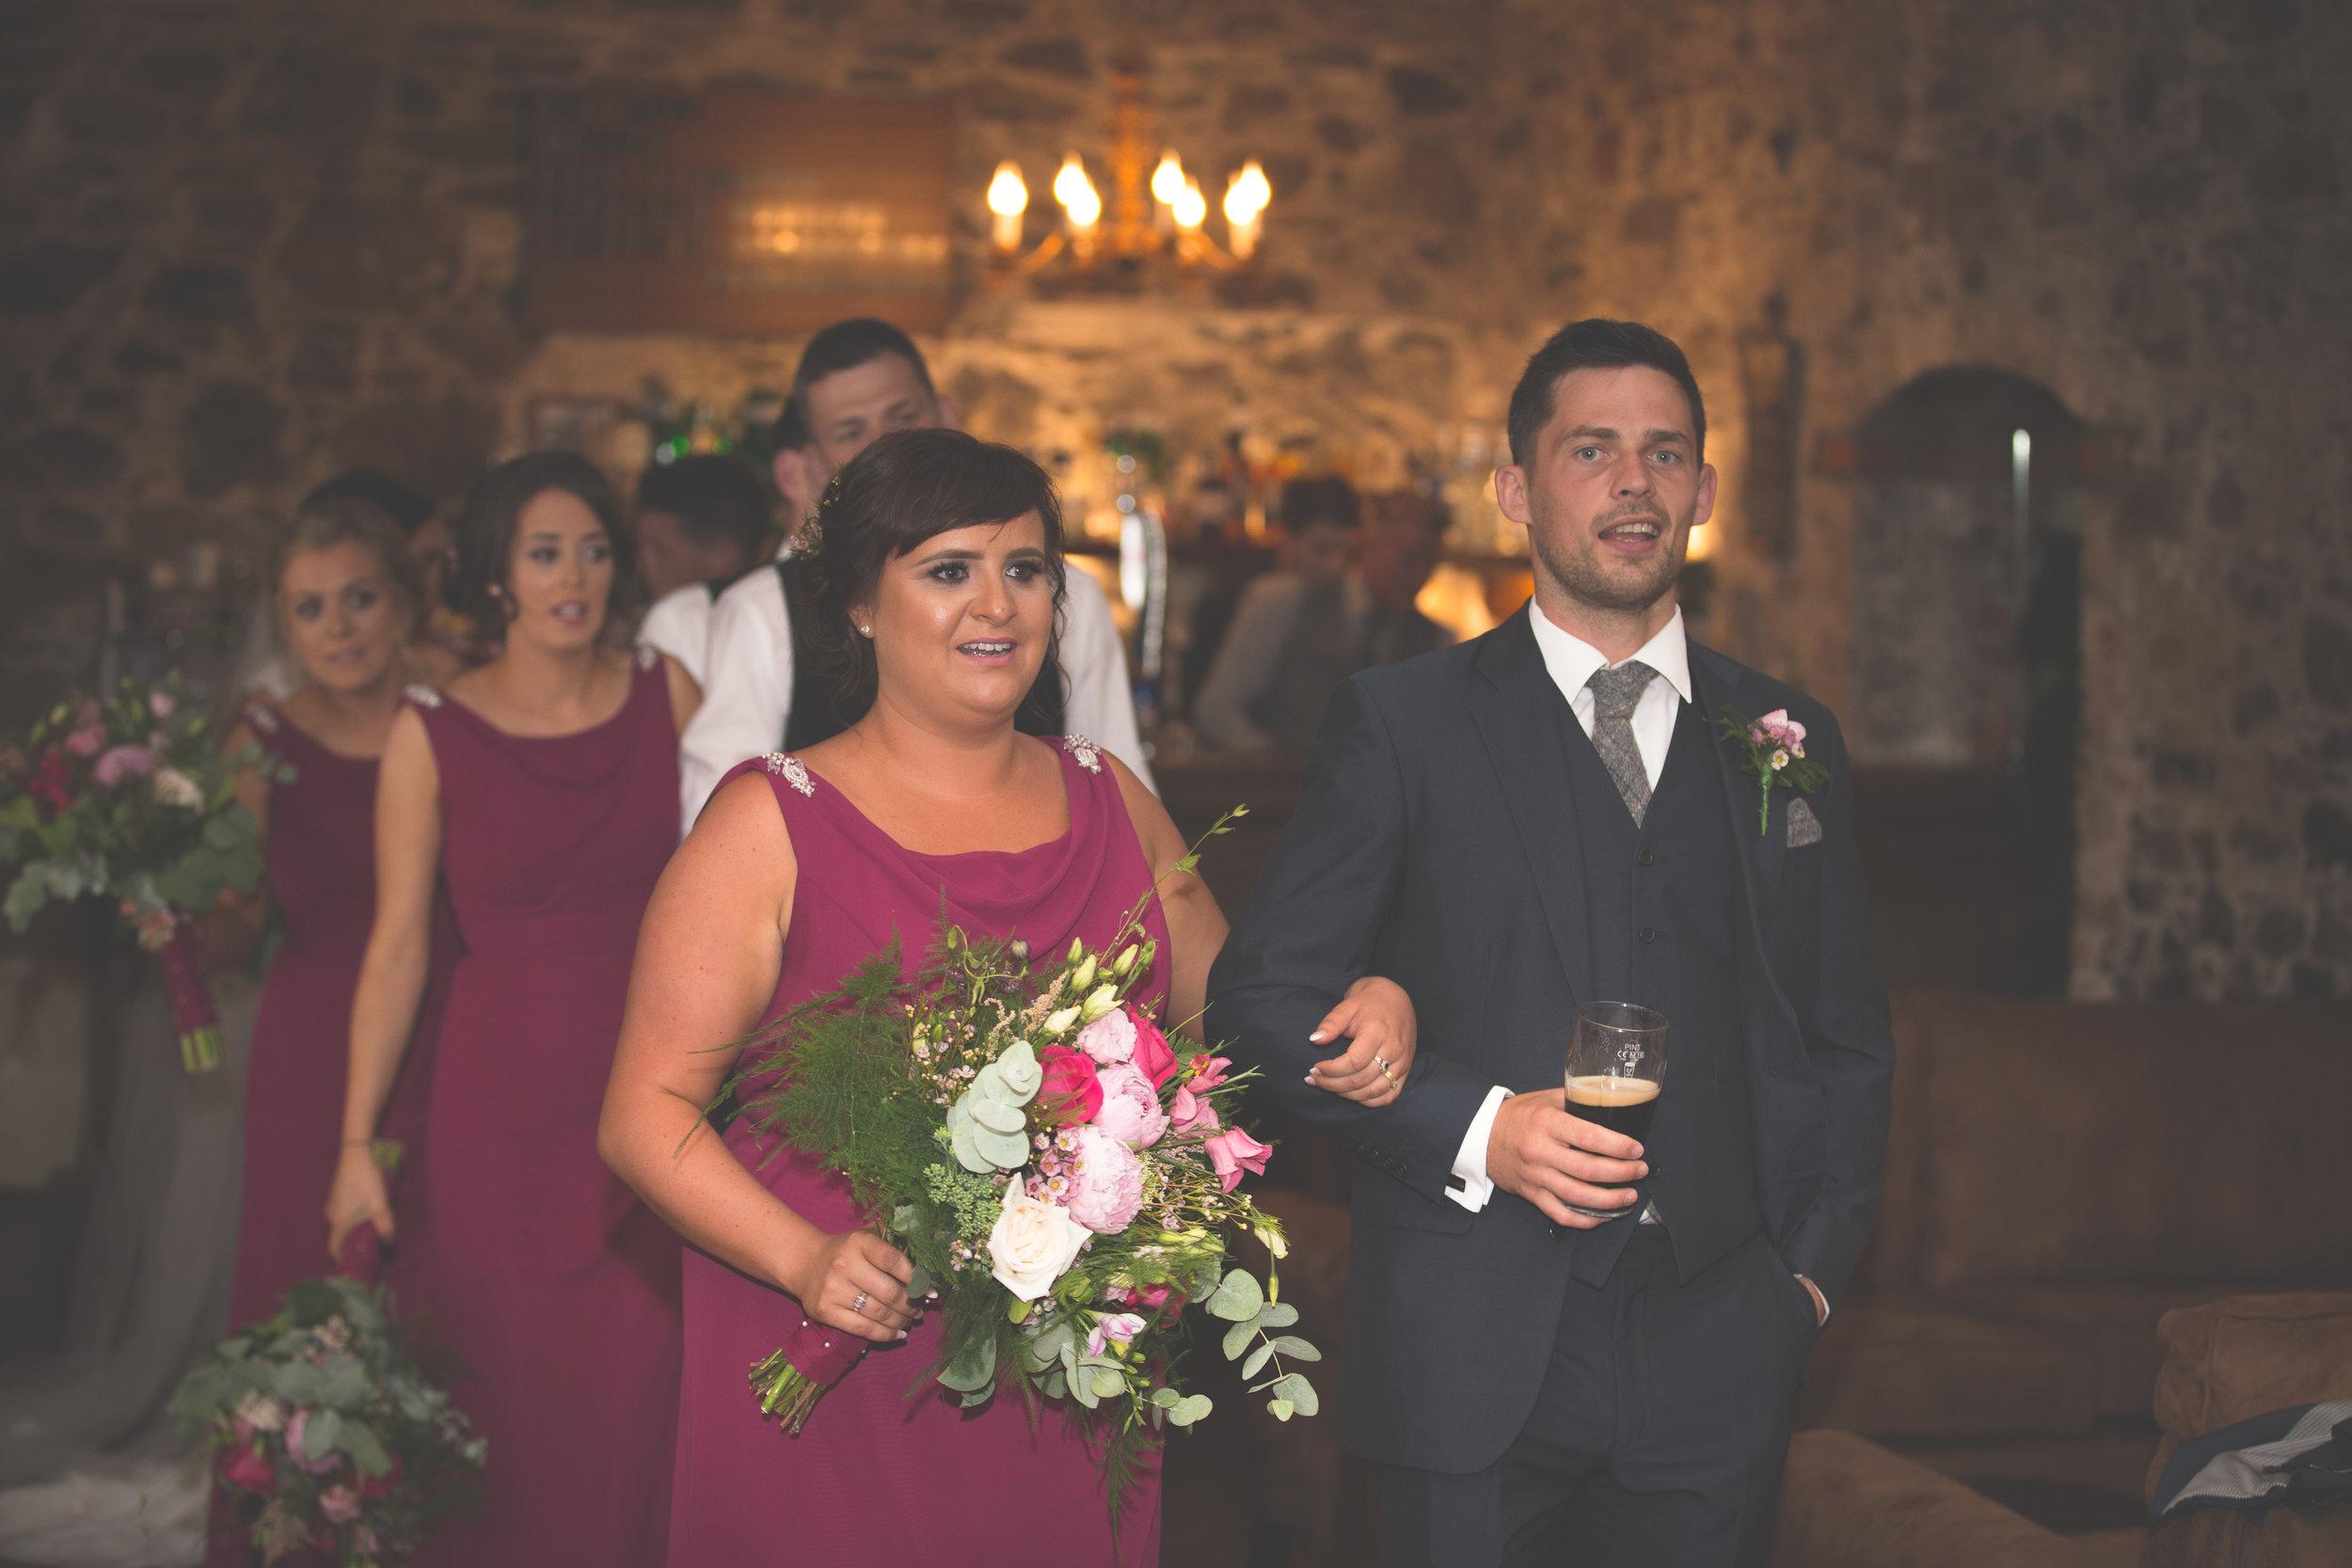 Brian McEwan Wedding Photography | Carol-Anne & Sean | The Speeches-40.jpg